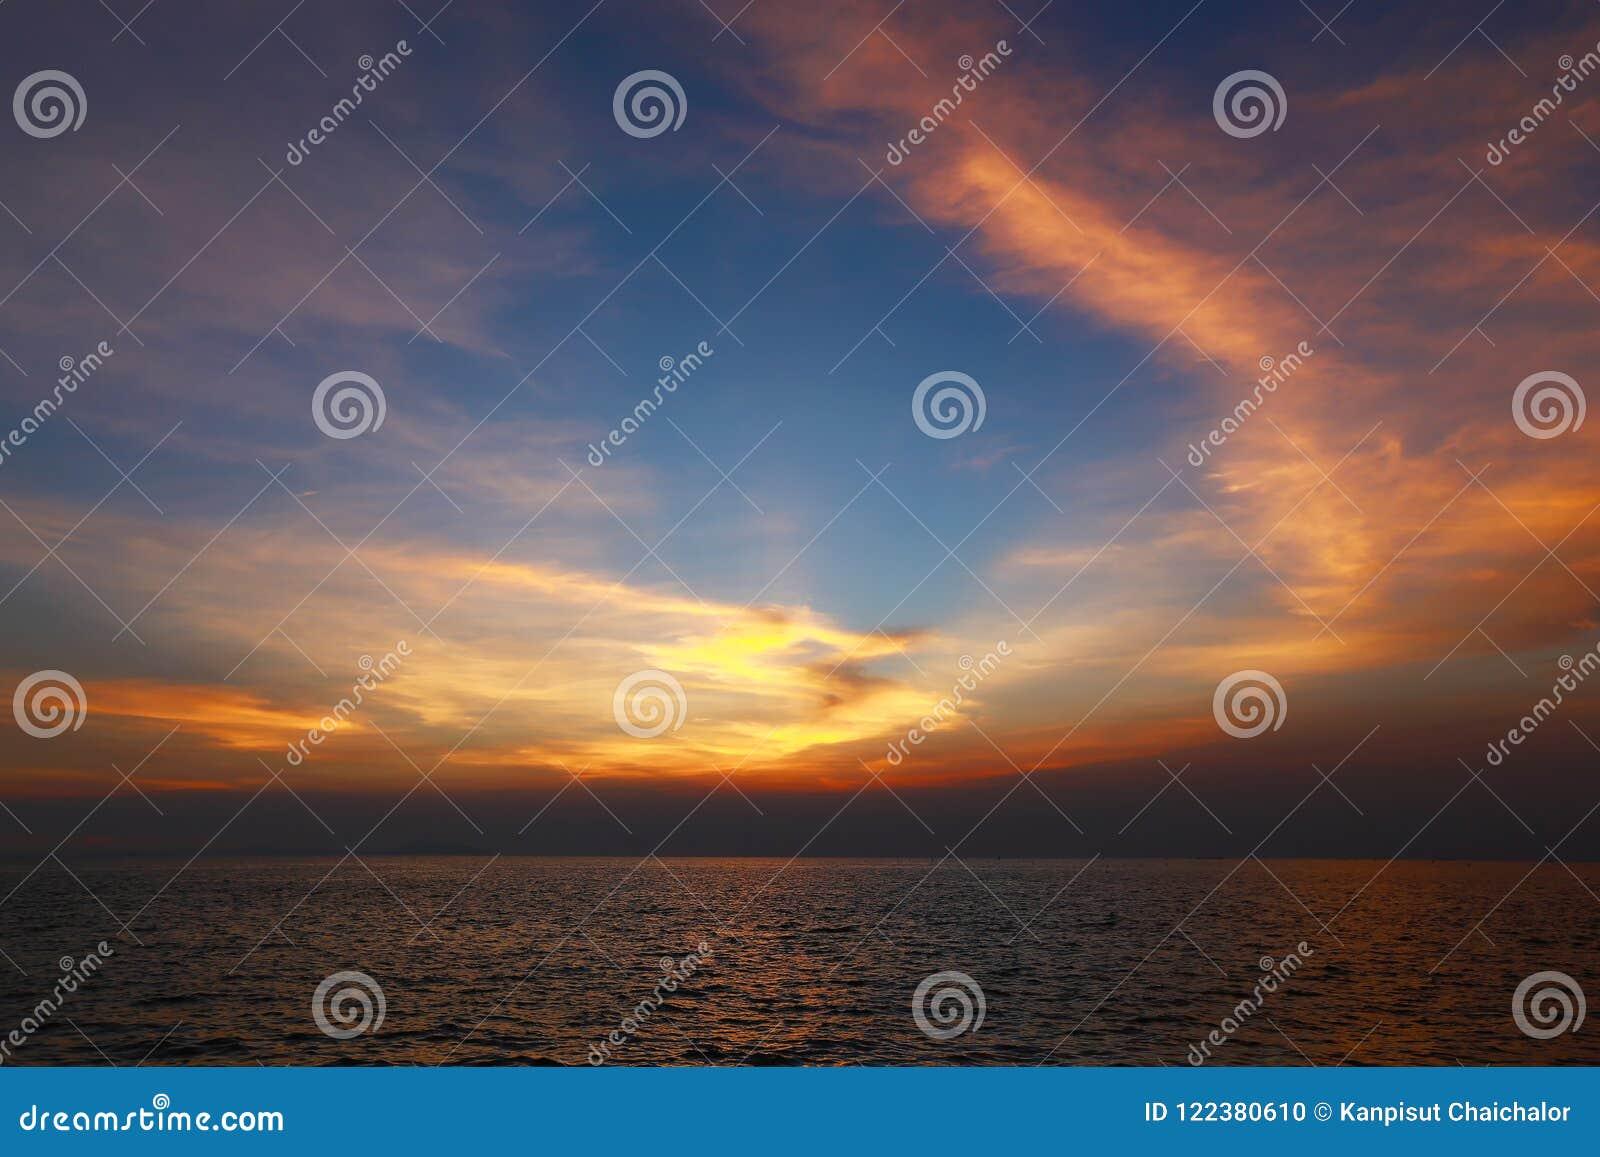 Klarer Dämmerungssonnenunterganghimmel und Bewegungsunschärfe des Meeres darunter mit langem Belichtungseffekt